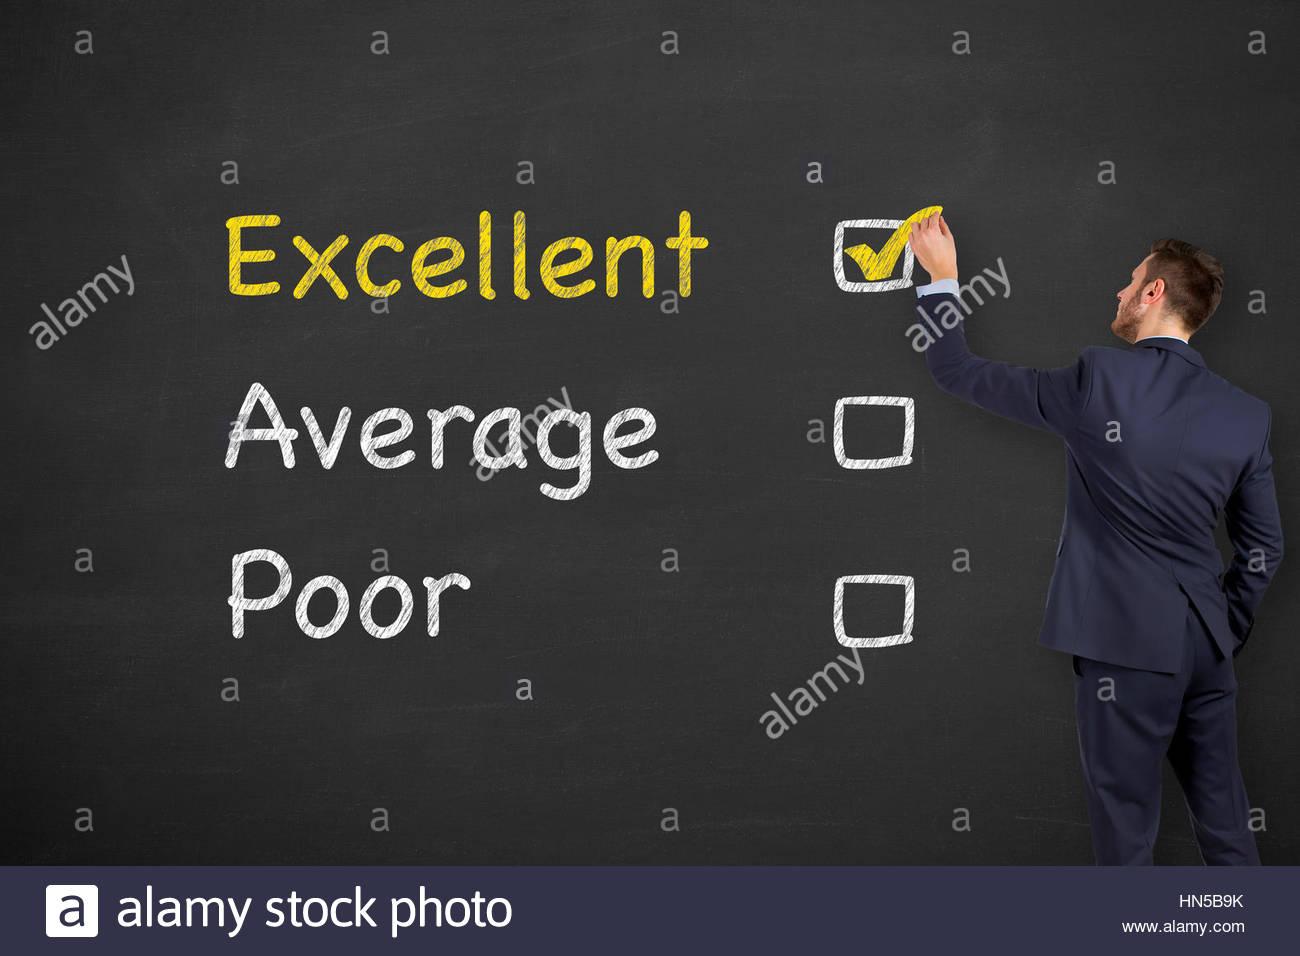 Satisfacción del cliente Conceptos sobre pizarra Imagen De Stock